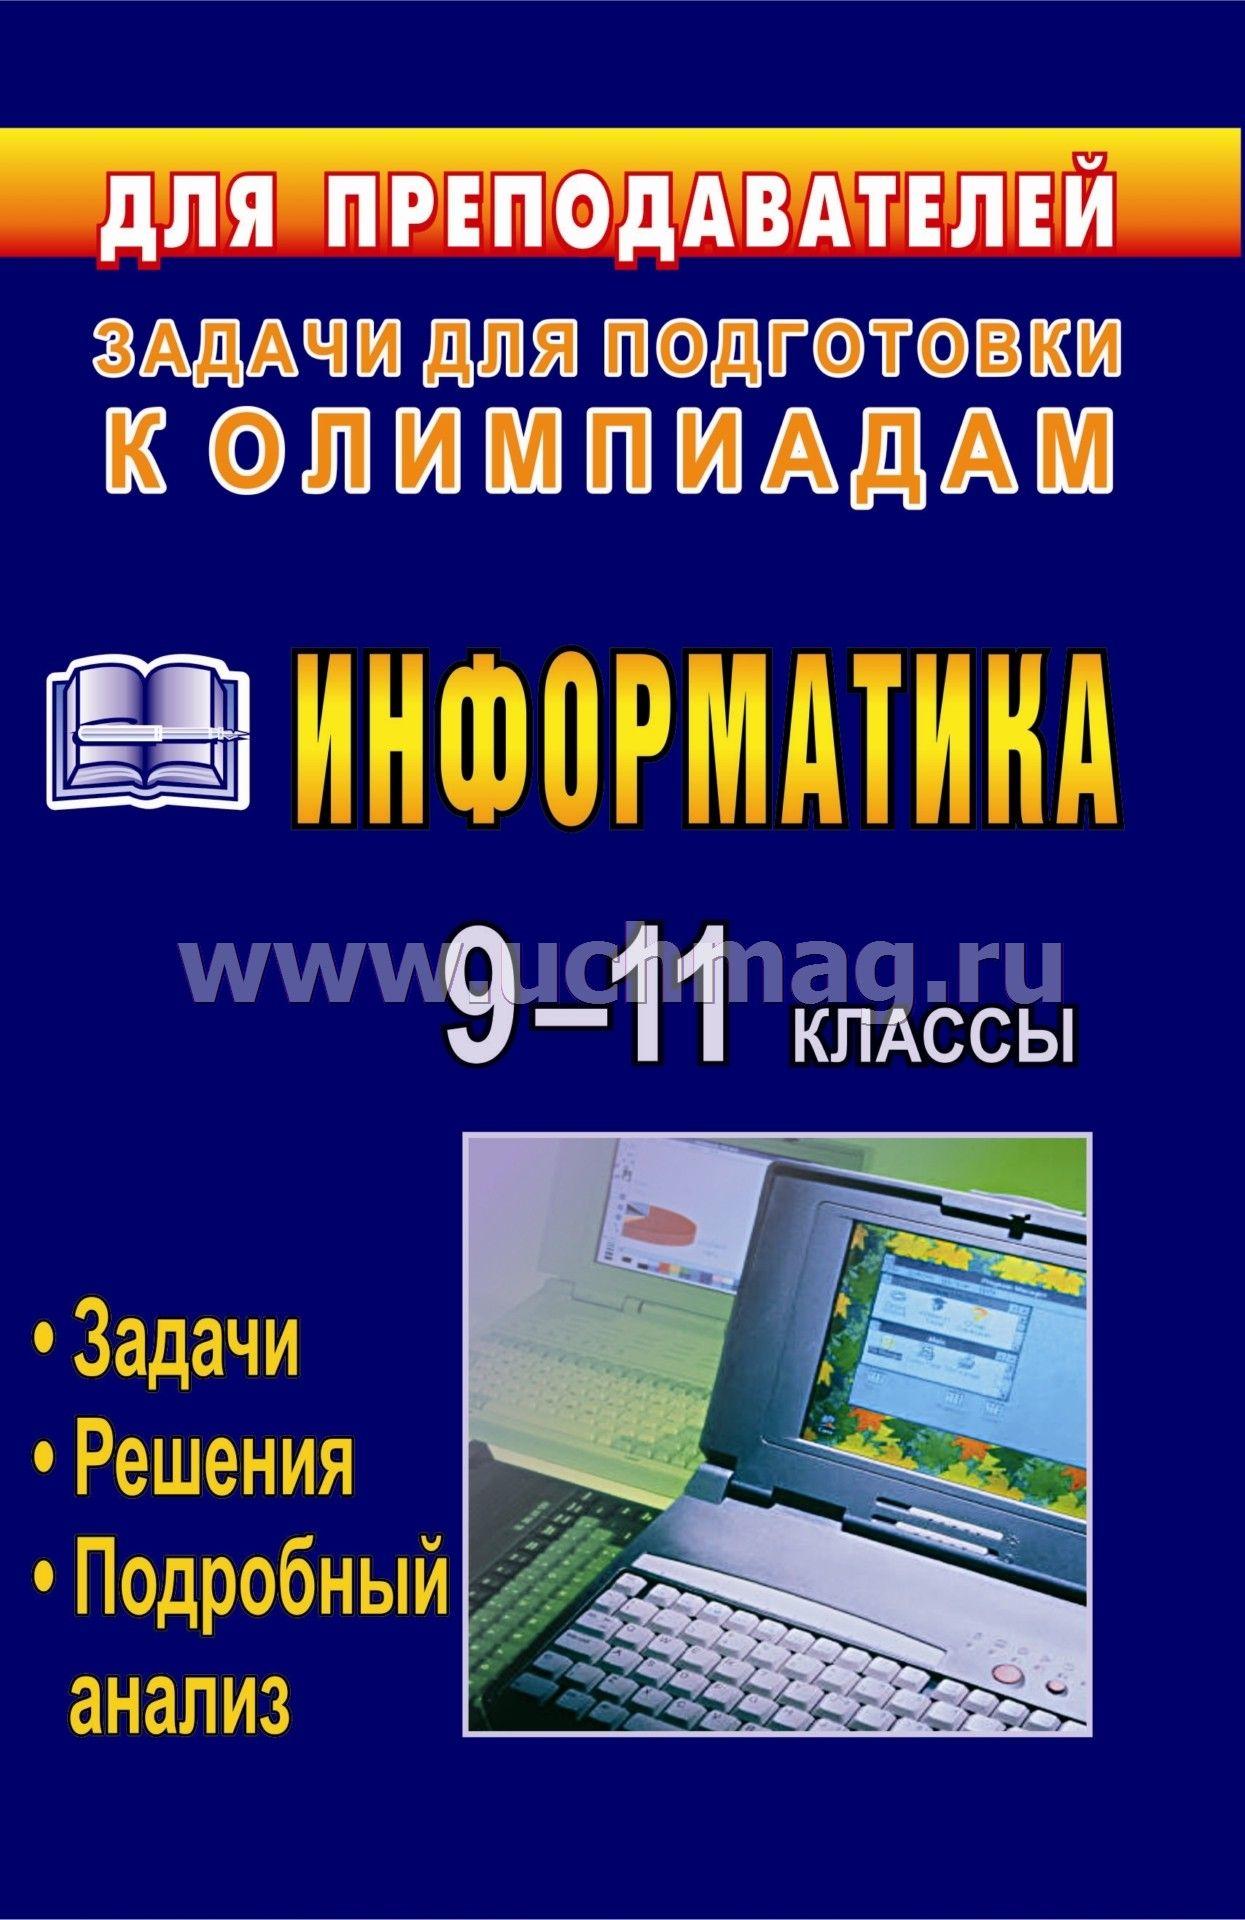 Решение заданий олимпиады по информатике для 8-11 классов